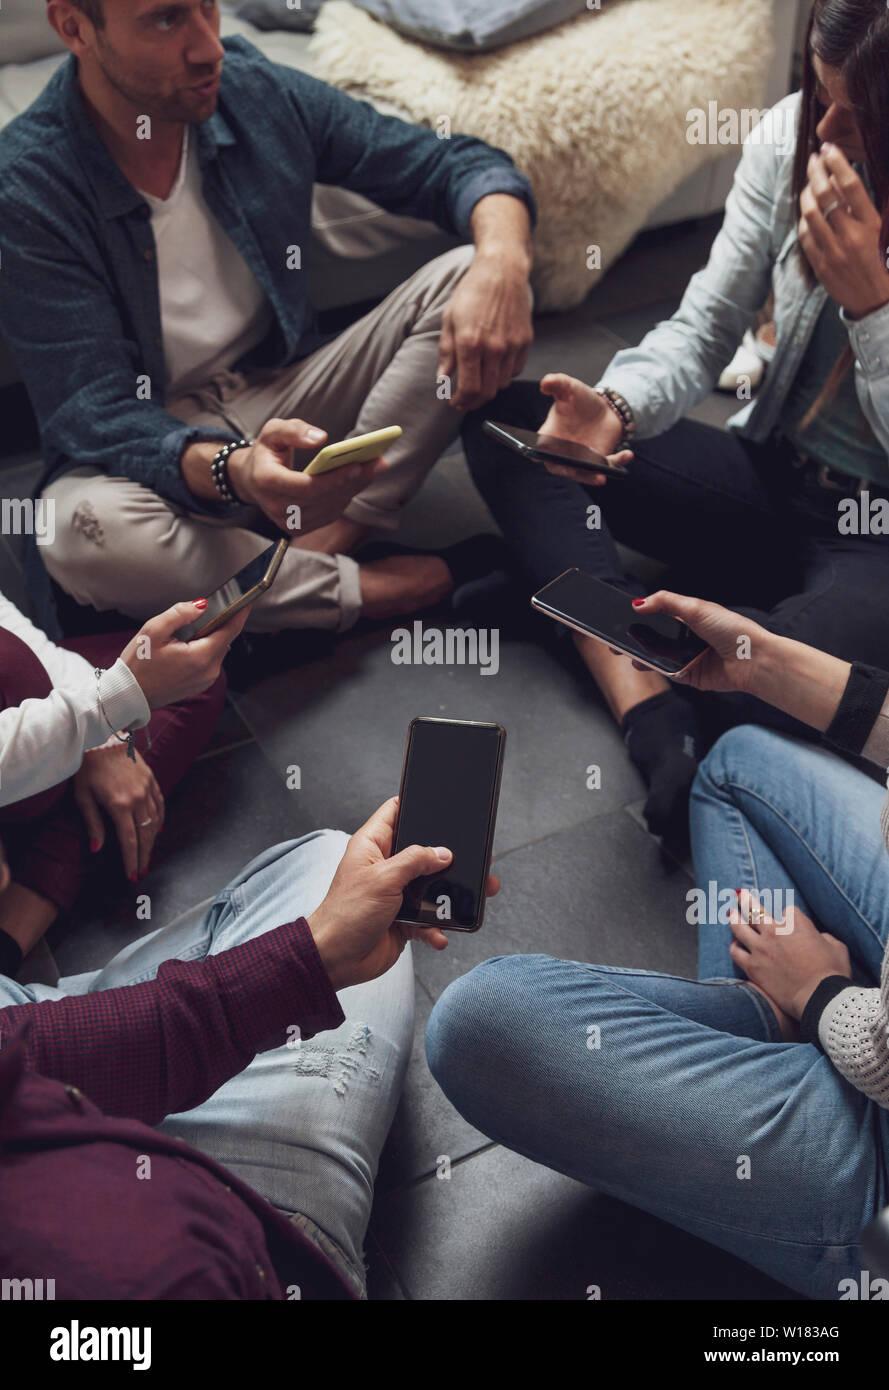 Groupe de personnes dépendantes de s'amuser ensemble avec les téléphones intelligents - Technologie concept avec en ligne avec les cellulaires millénaire Banque D'Images